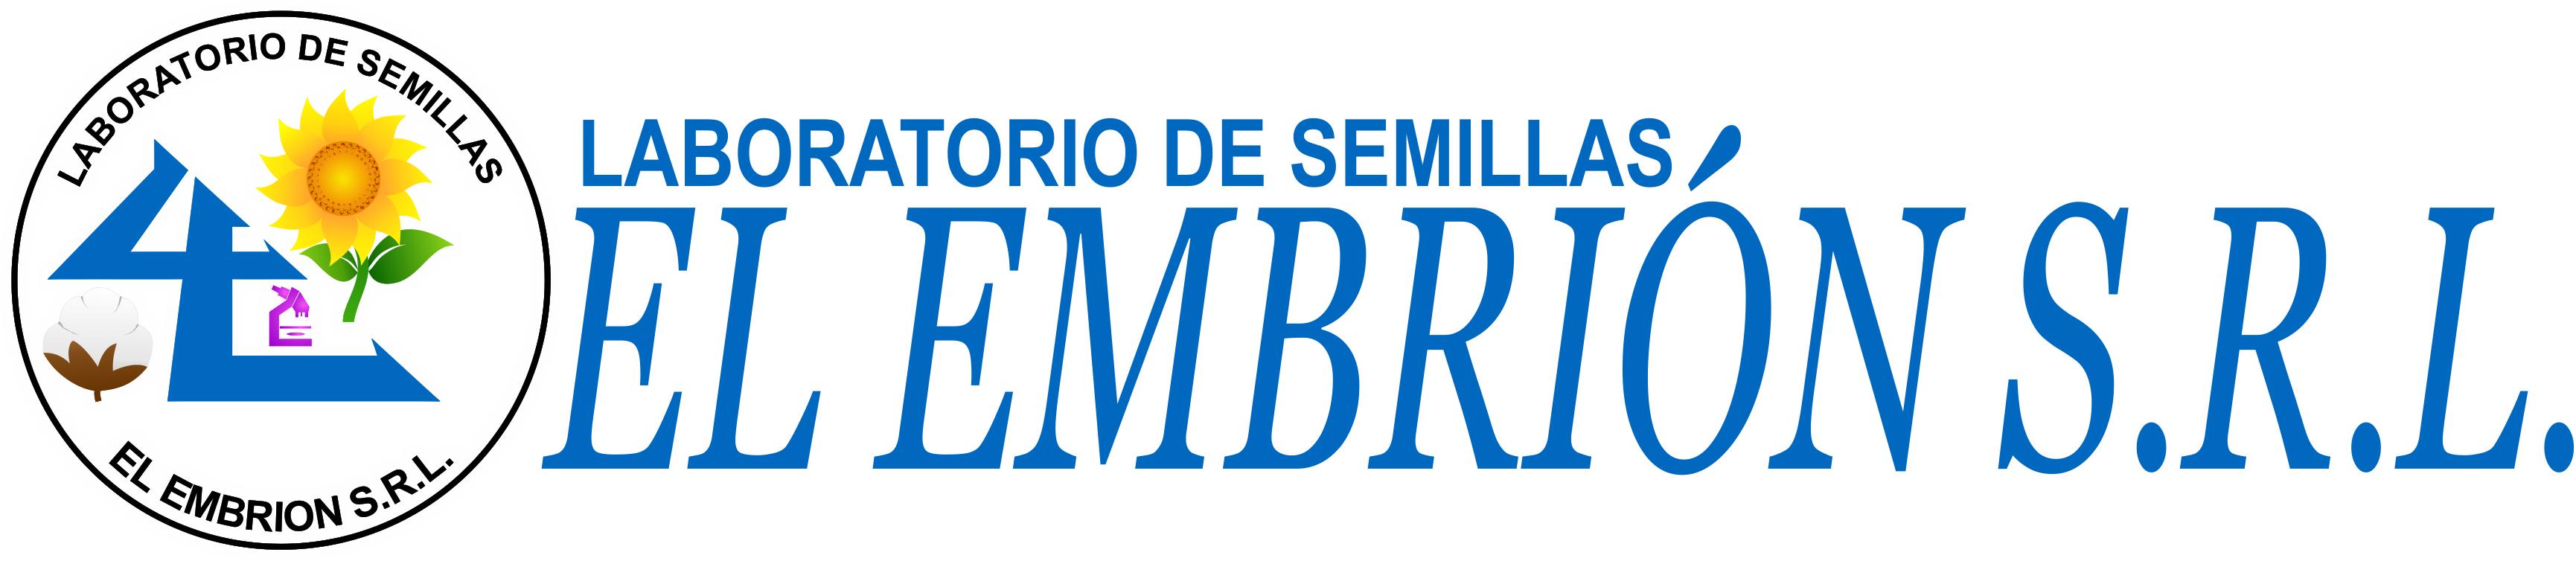 El Embrión S.R.L.